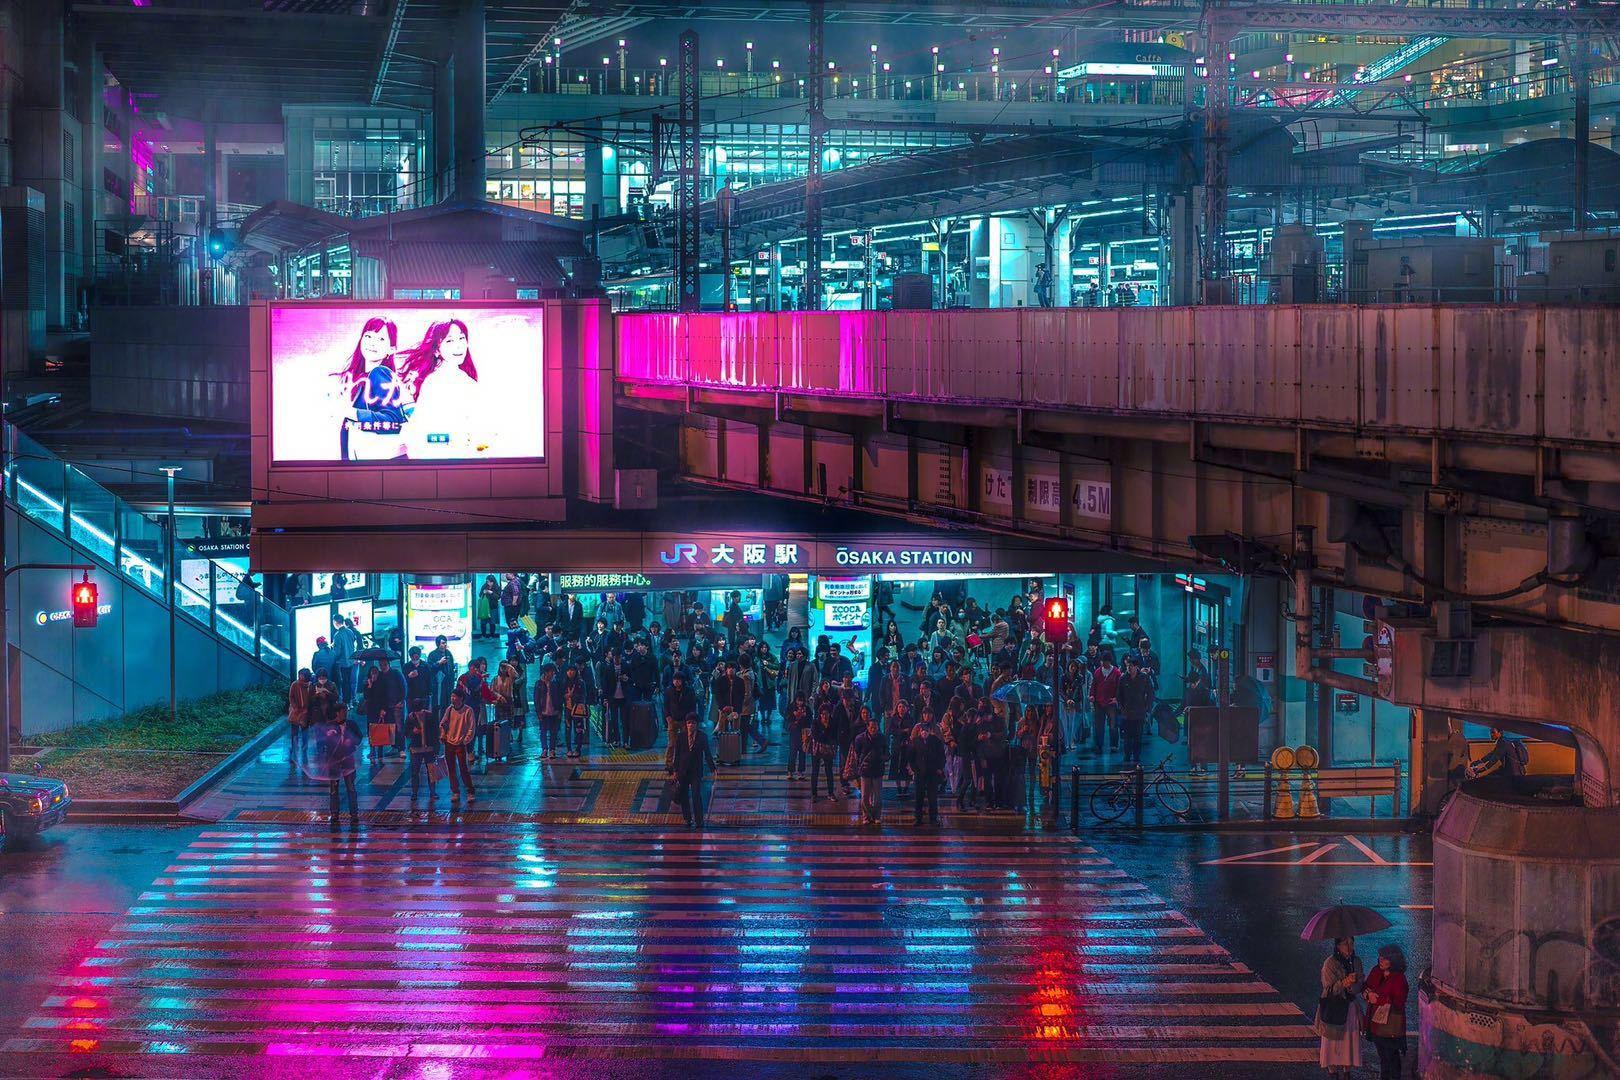 雨天的大阪,完全是银翼杀手的即视感